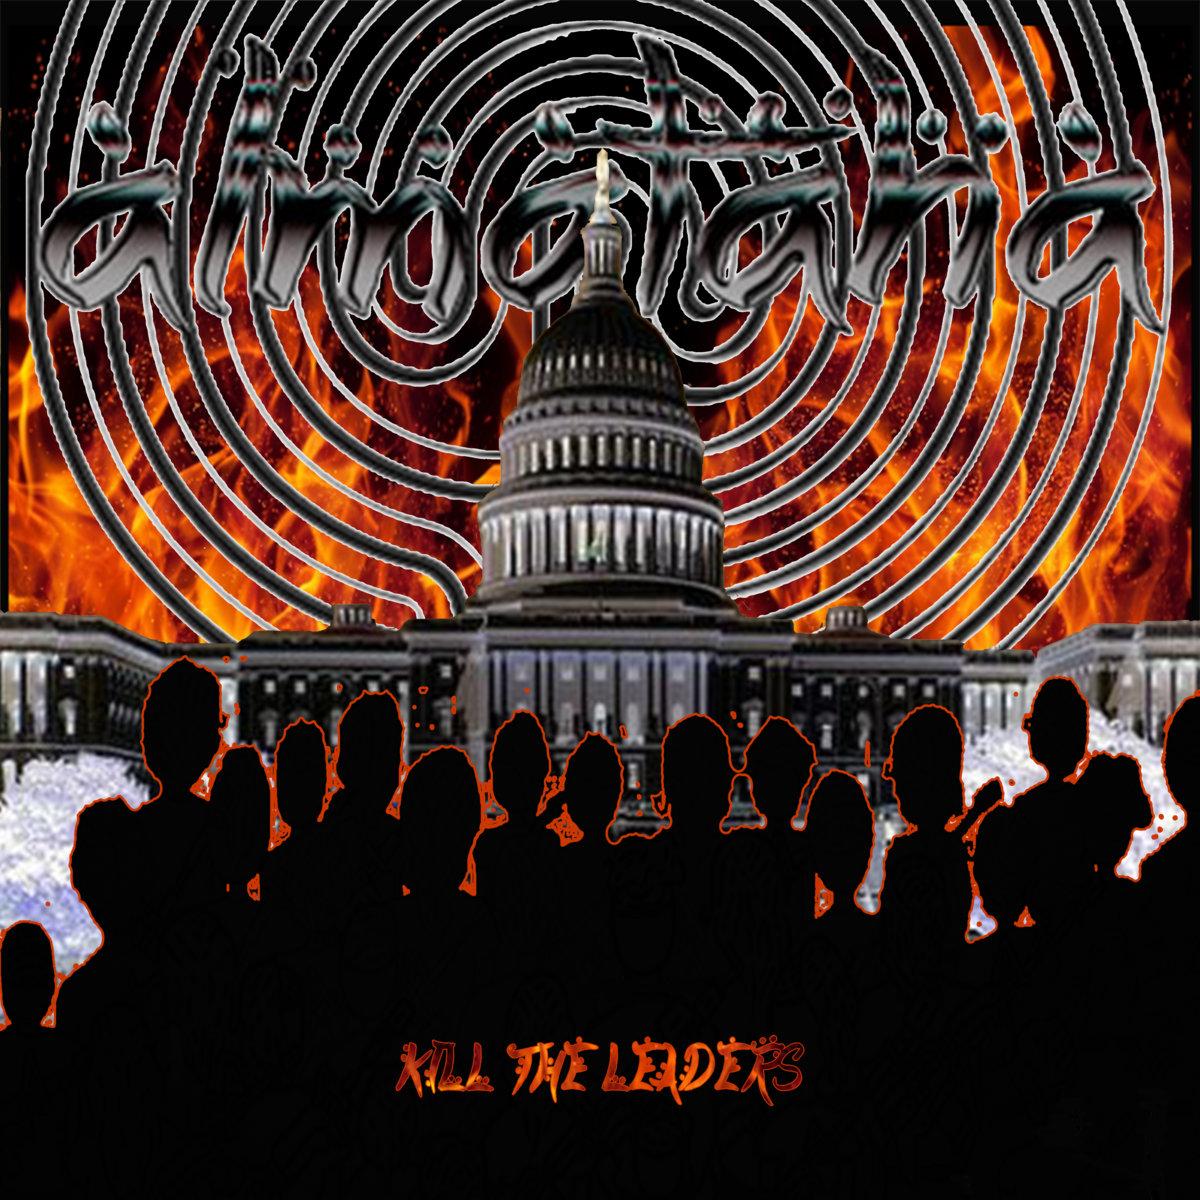 Almataha - Kill The Leaders